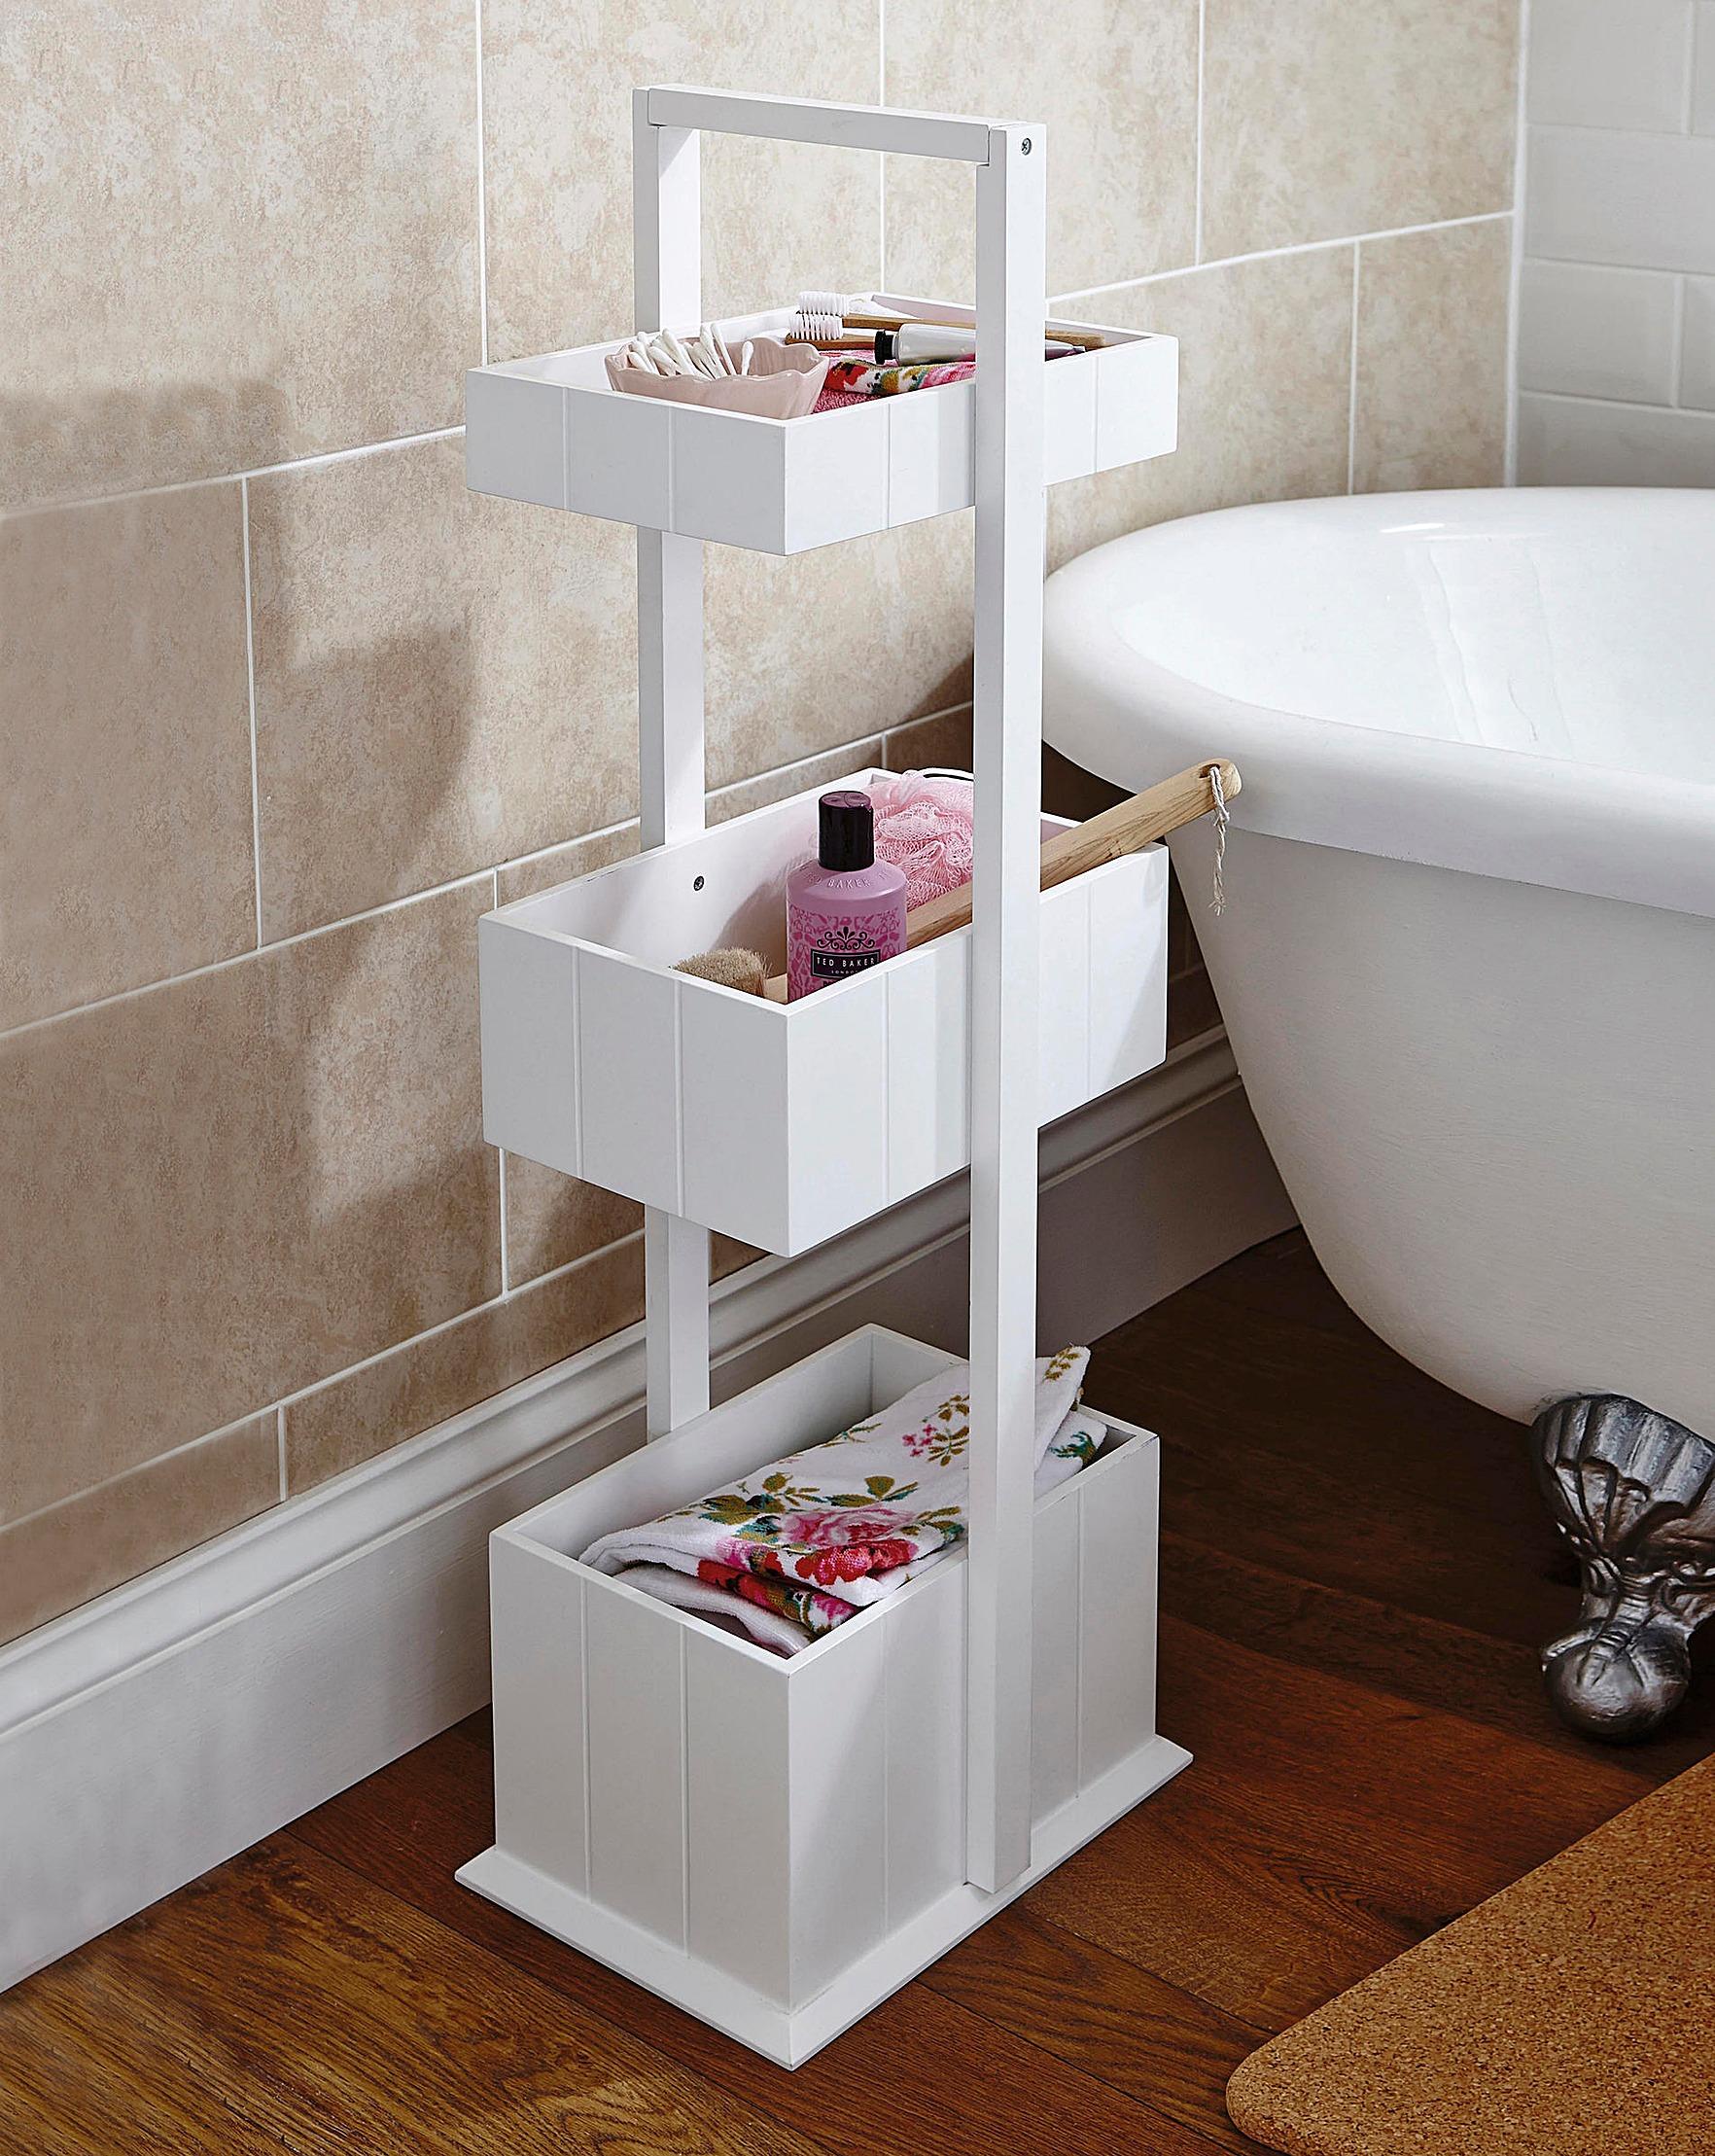 3 Tier Wooden Bathroom Caddy - Techieblogie.info